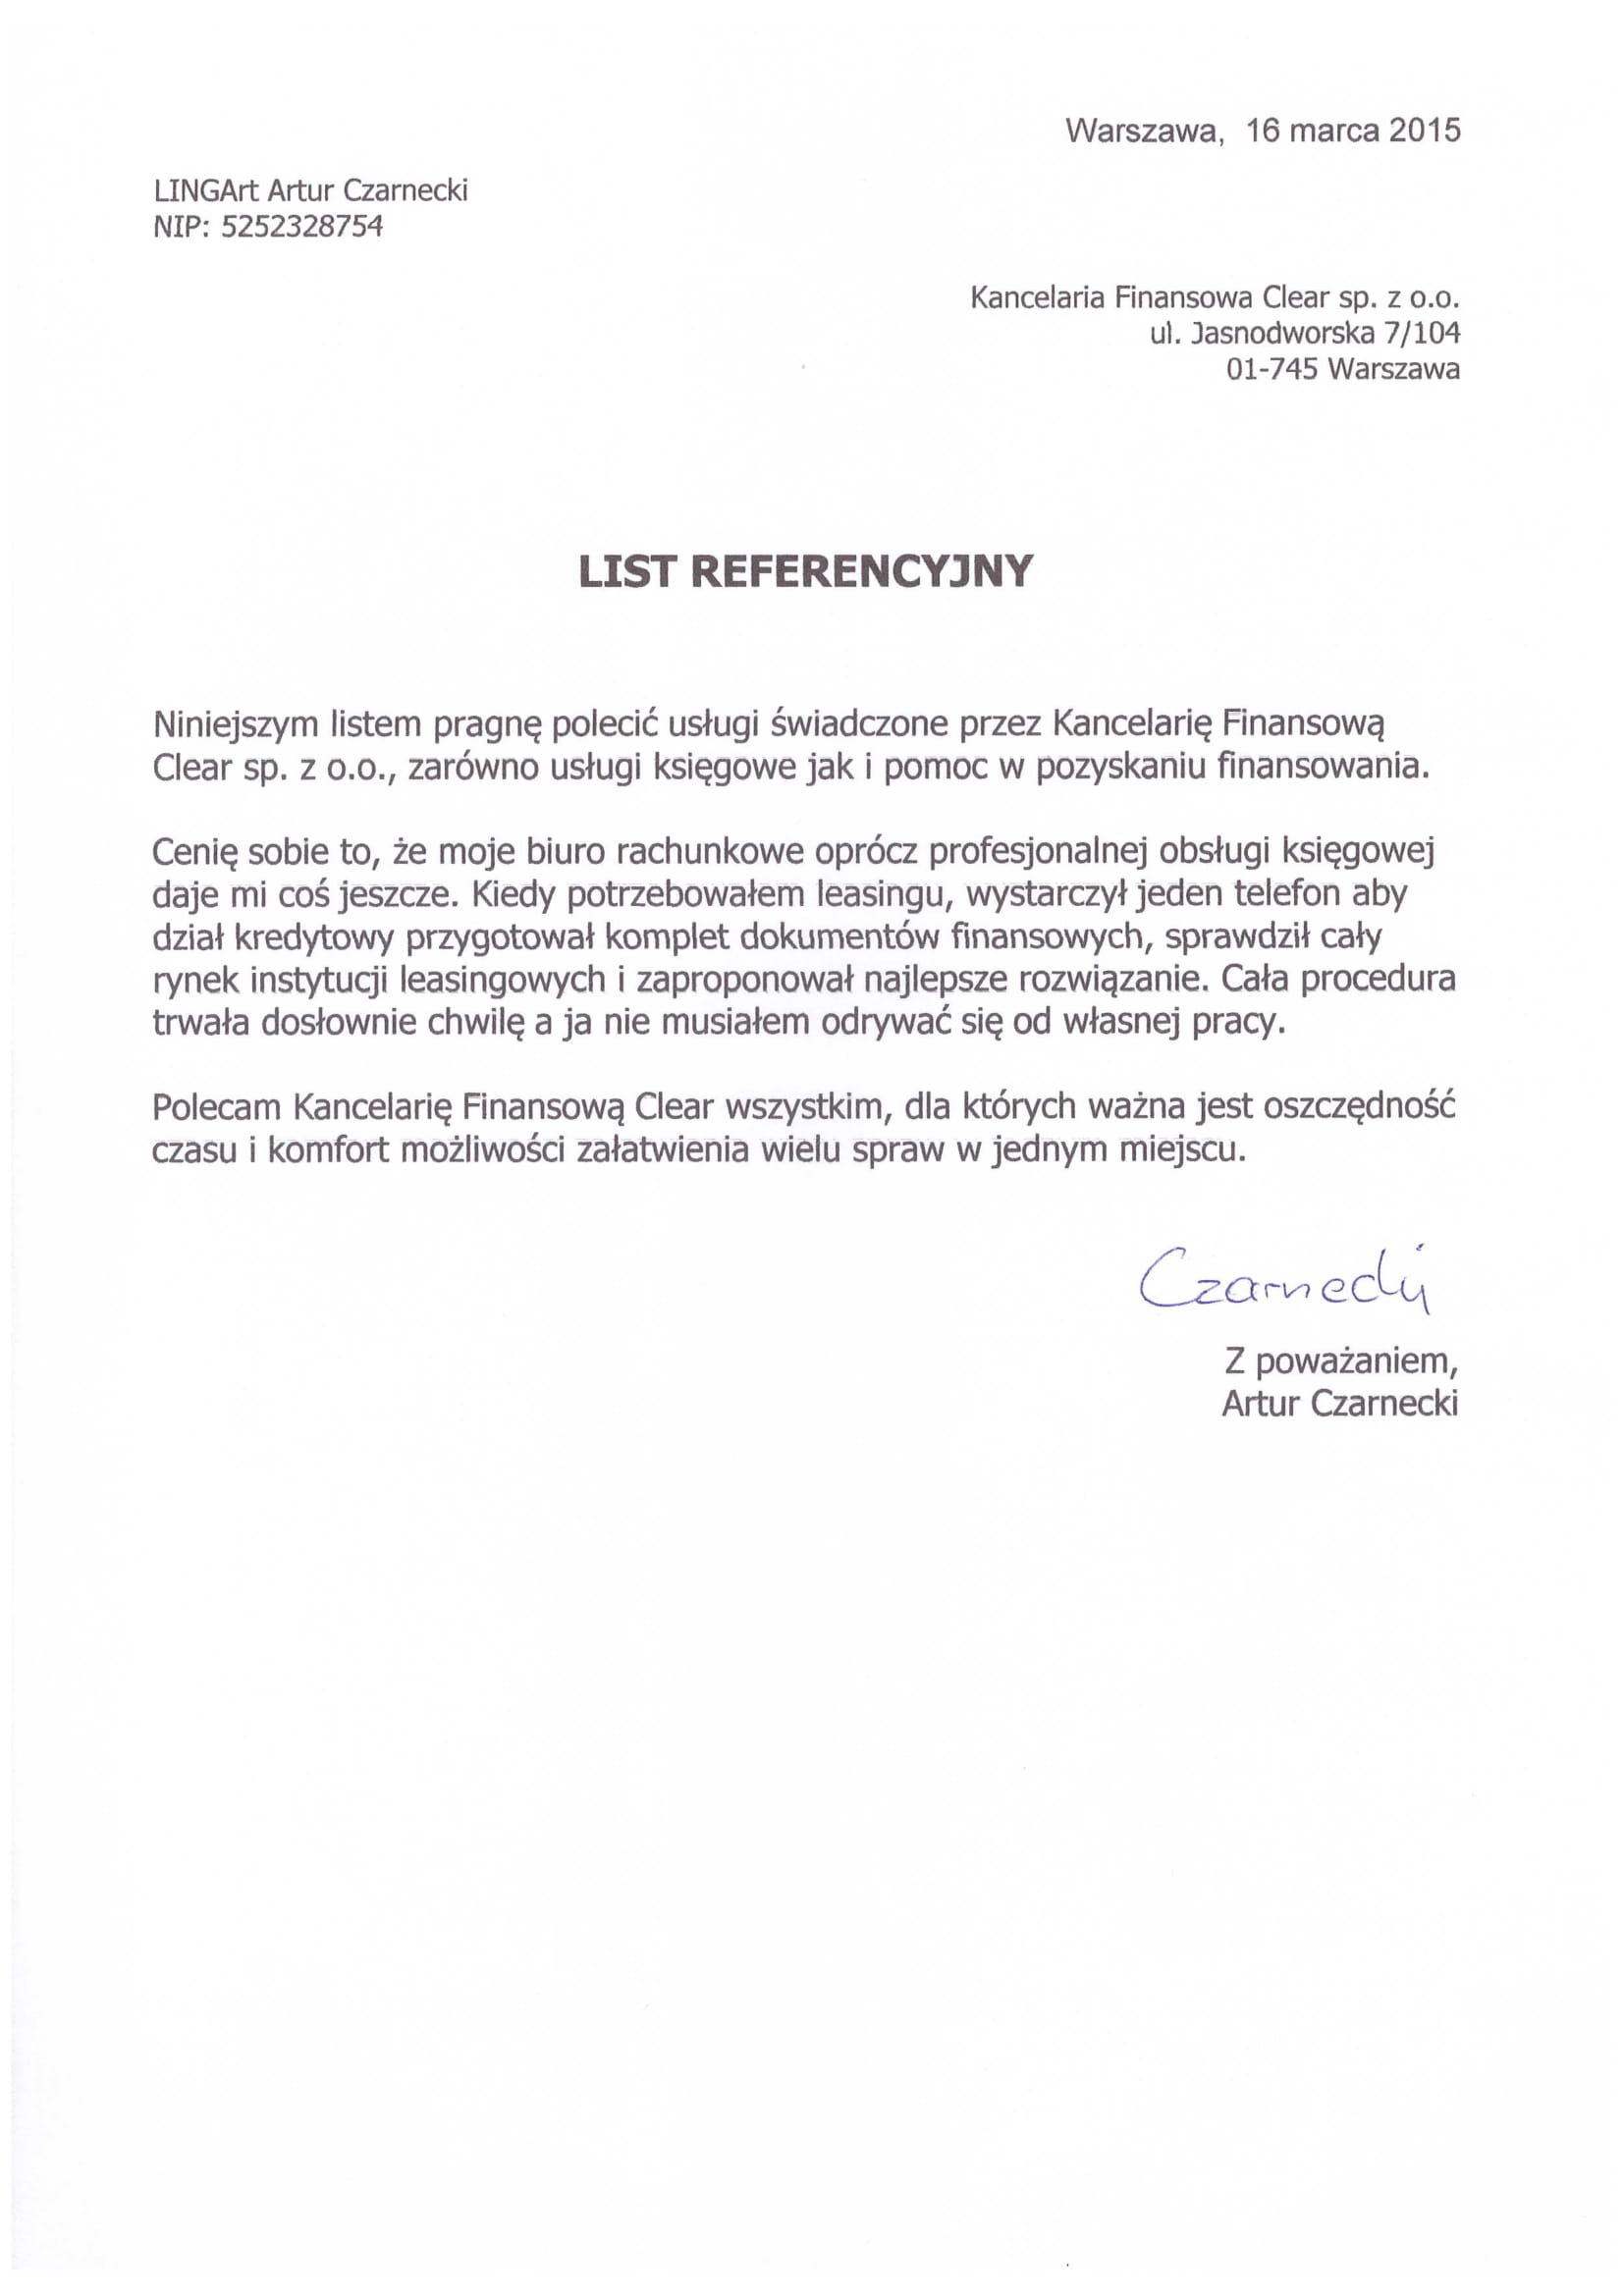 referencje dla kancelaria clear od Lingart Artur Czarnecki-1